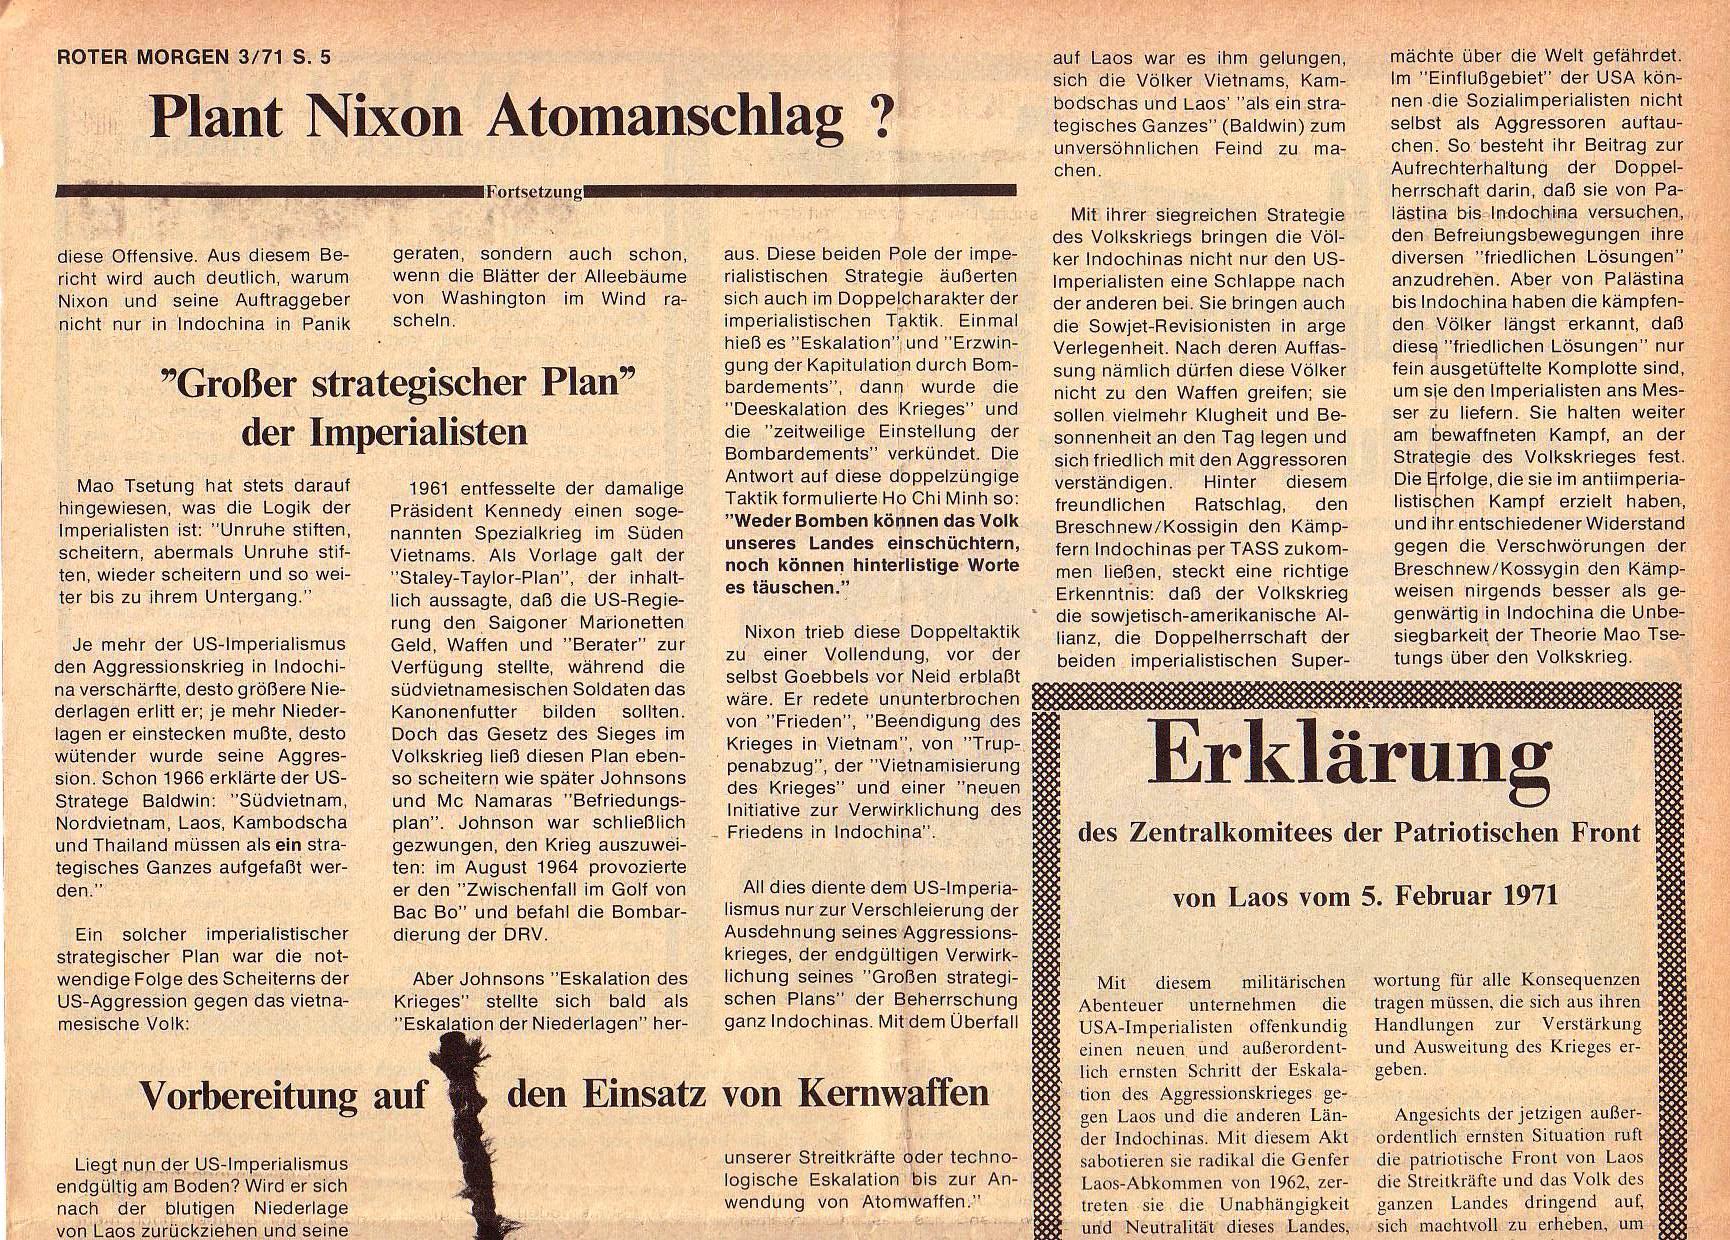 Roter Morgen, 5. Jg., März 1971, Nr. 3, Seite 5a